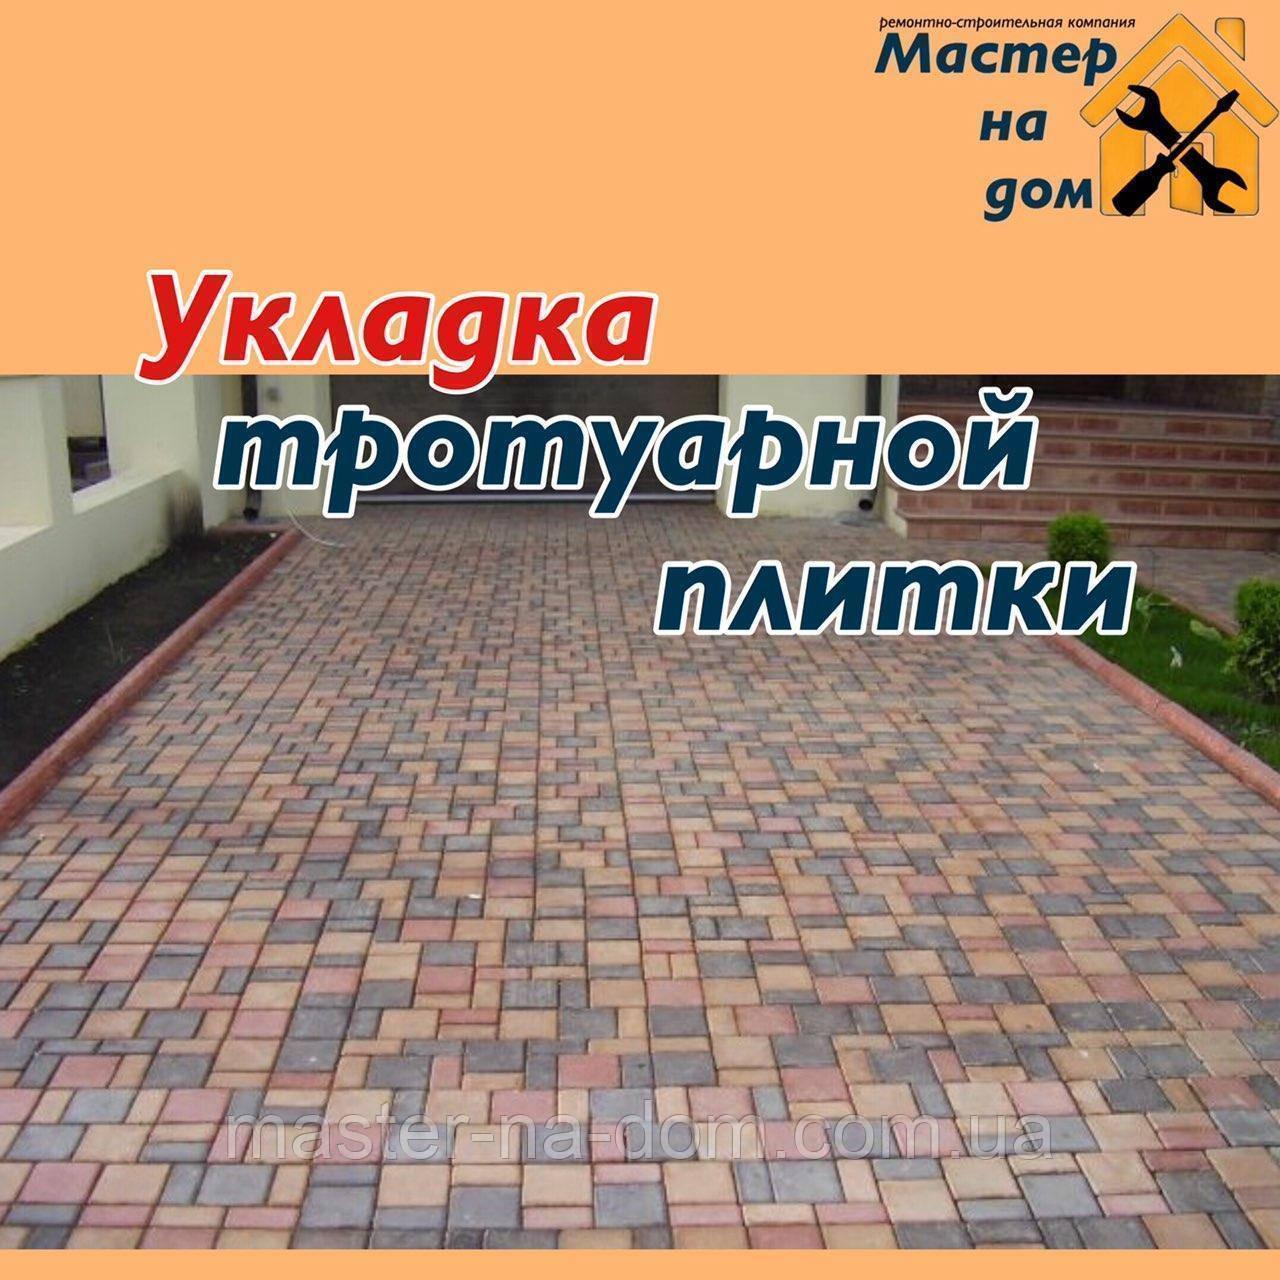 Укладання тротуарної плитки в Хмельницькому